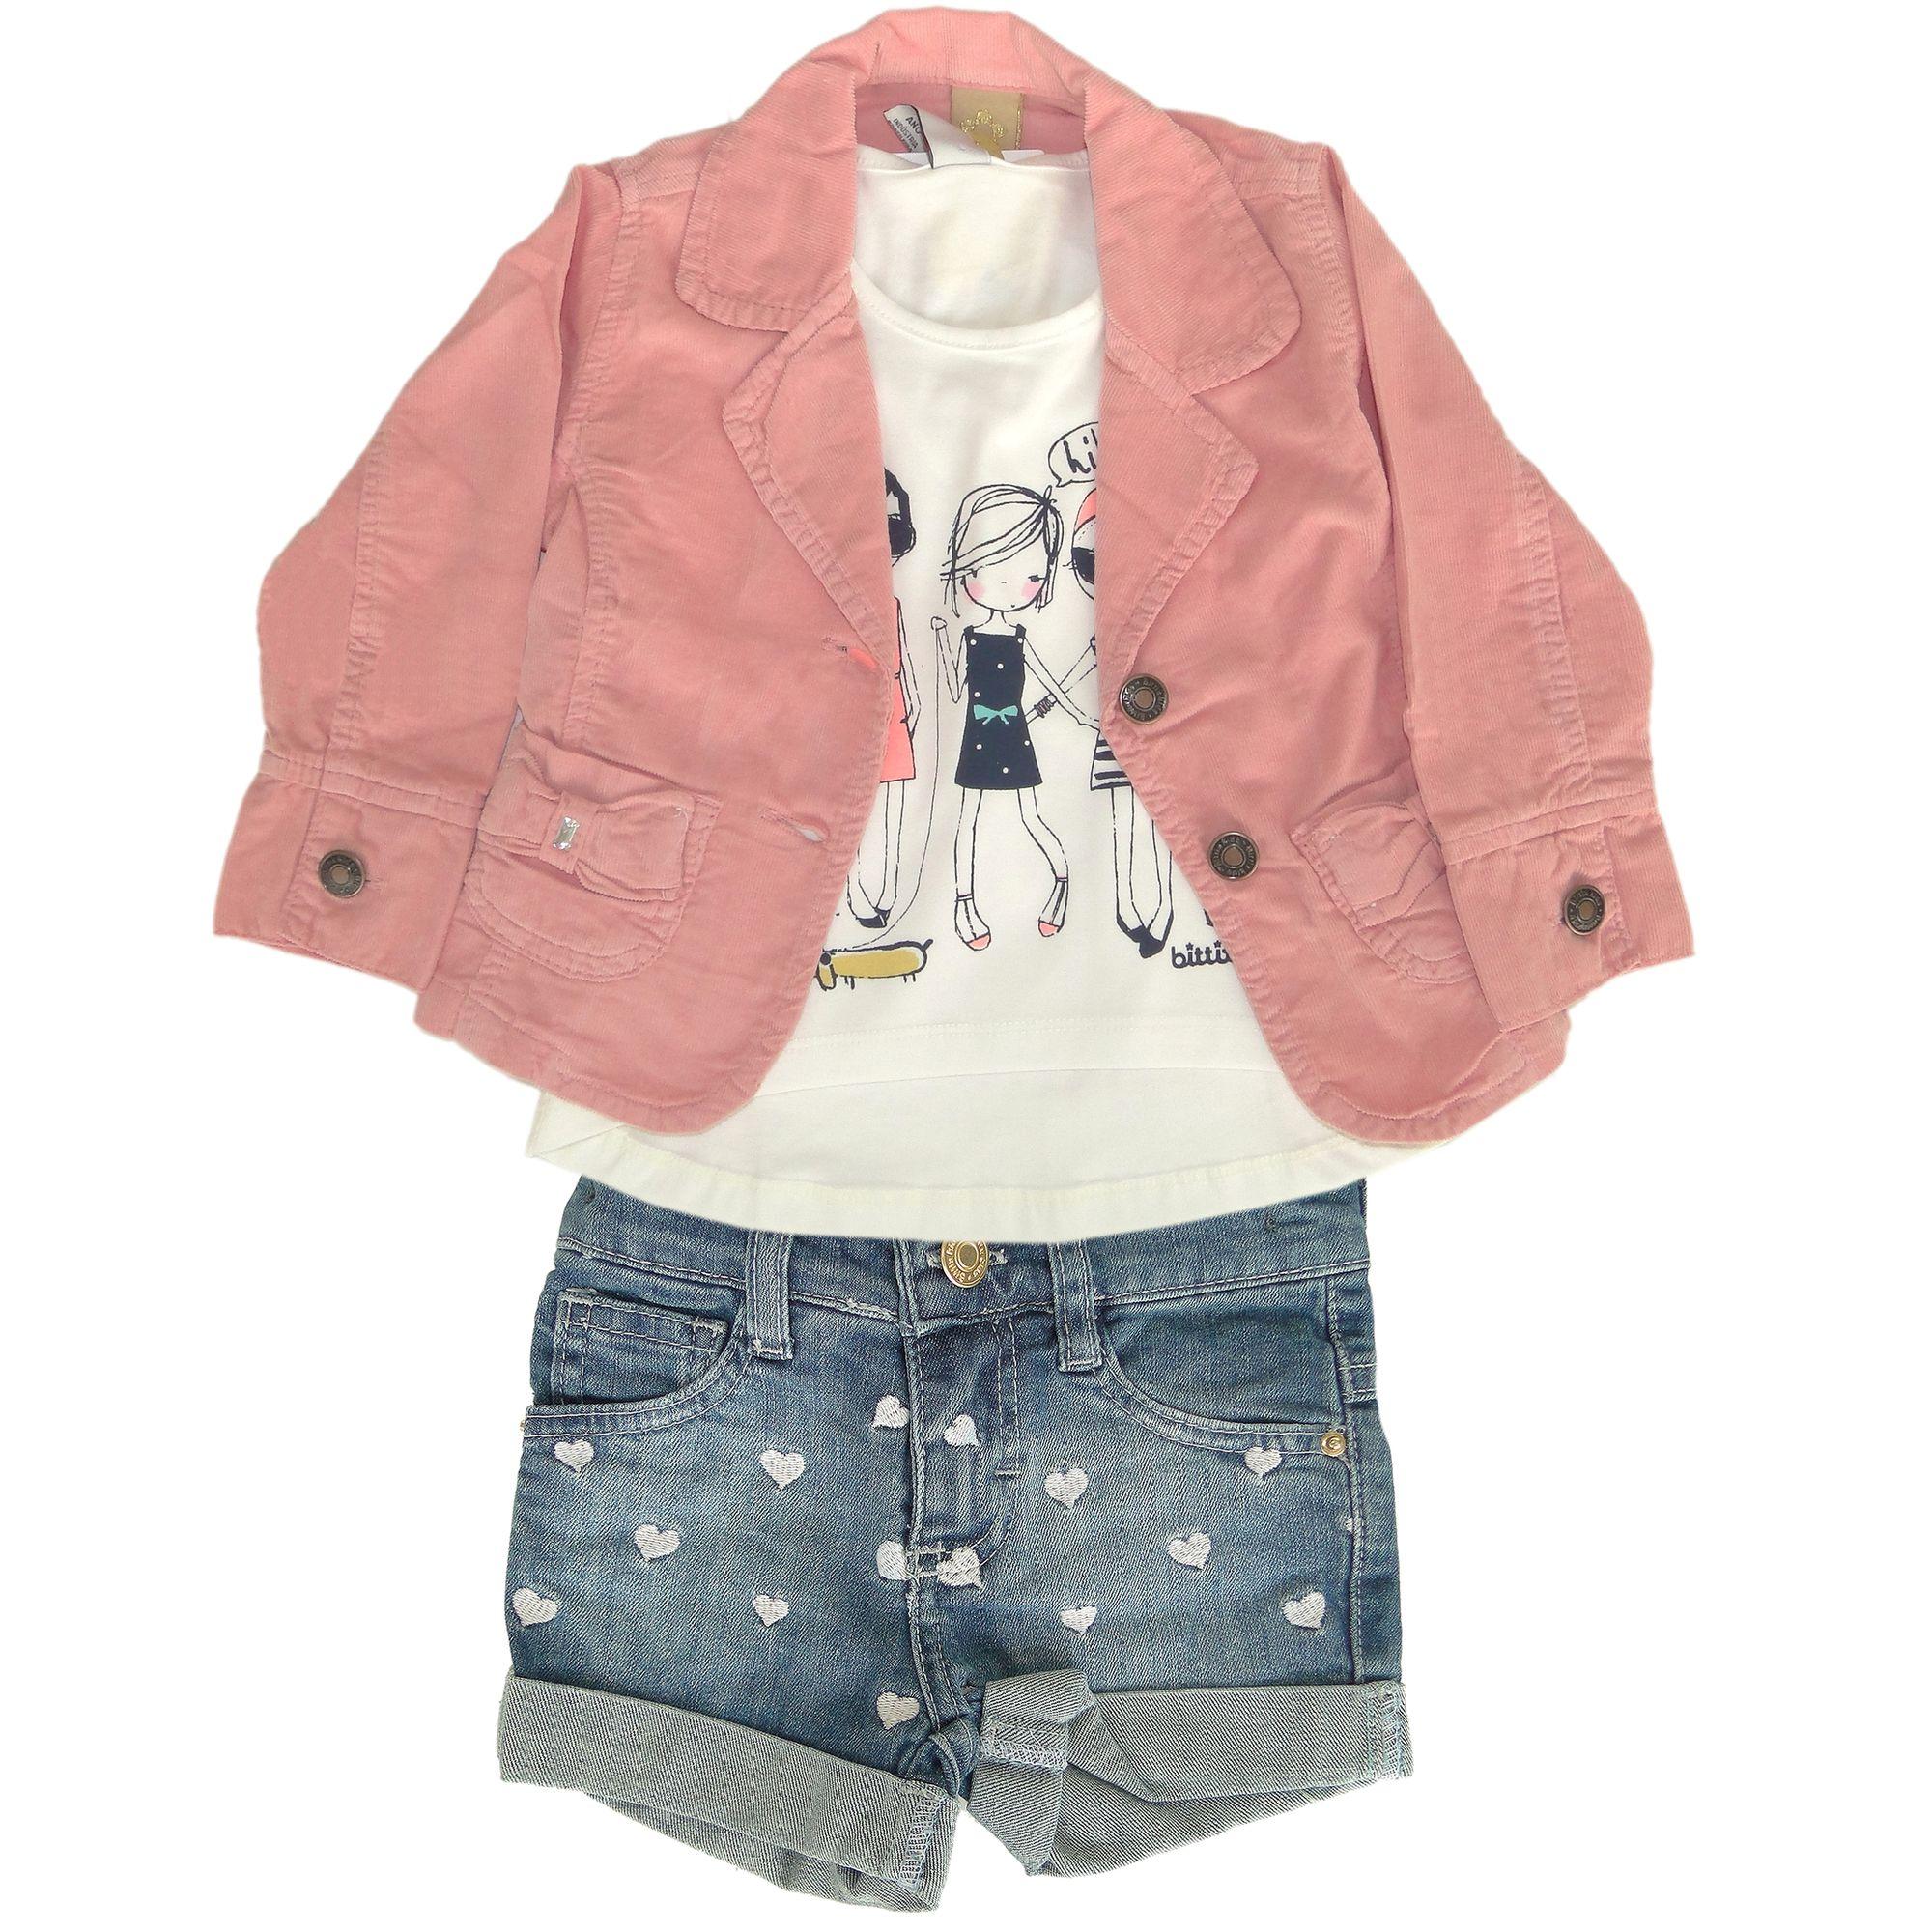 c1fcbb193af090 Loja de roupa infantil online para comprar roupas de bebê